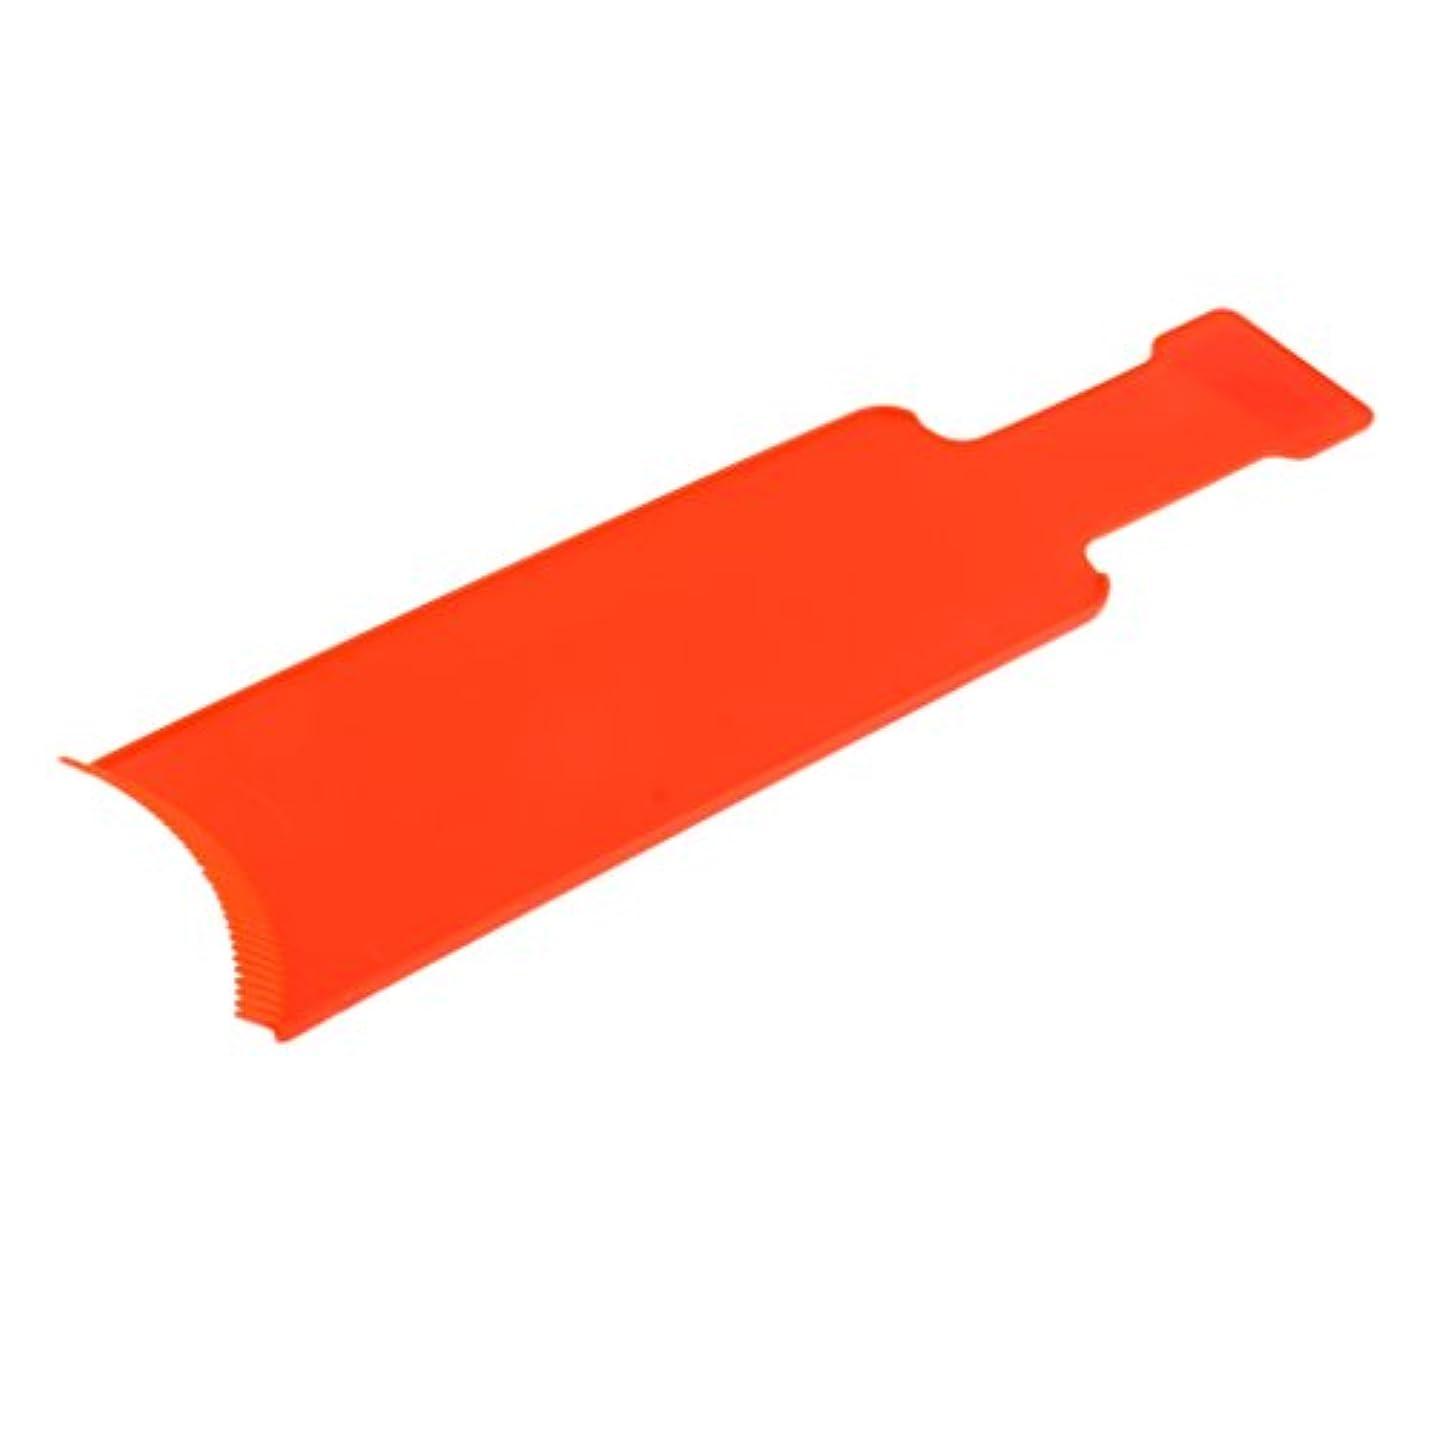 スクラップ道を作る高いPerfk 染色櫛プレート 染めボード ヘアカラー 櫛 着色ボード ヘアブラシ セルフヘルプ プロ 家庭用 2サイズ2色選べる - L, オレンジ